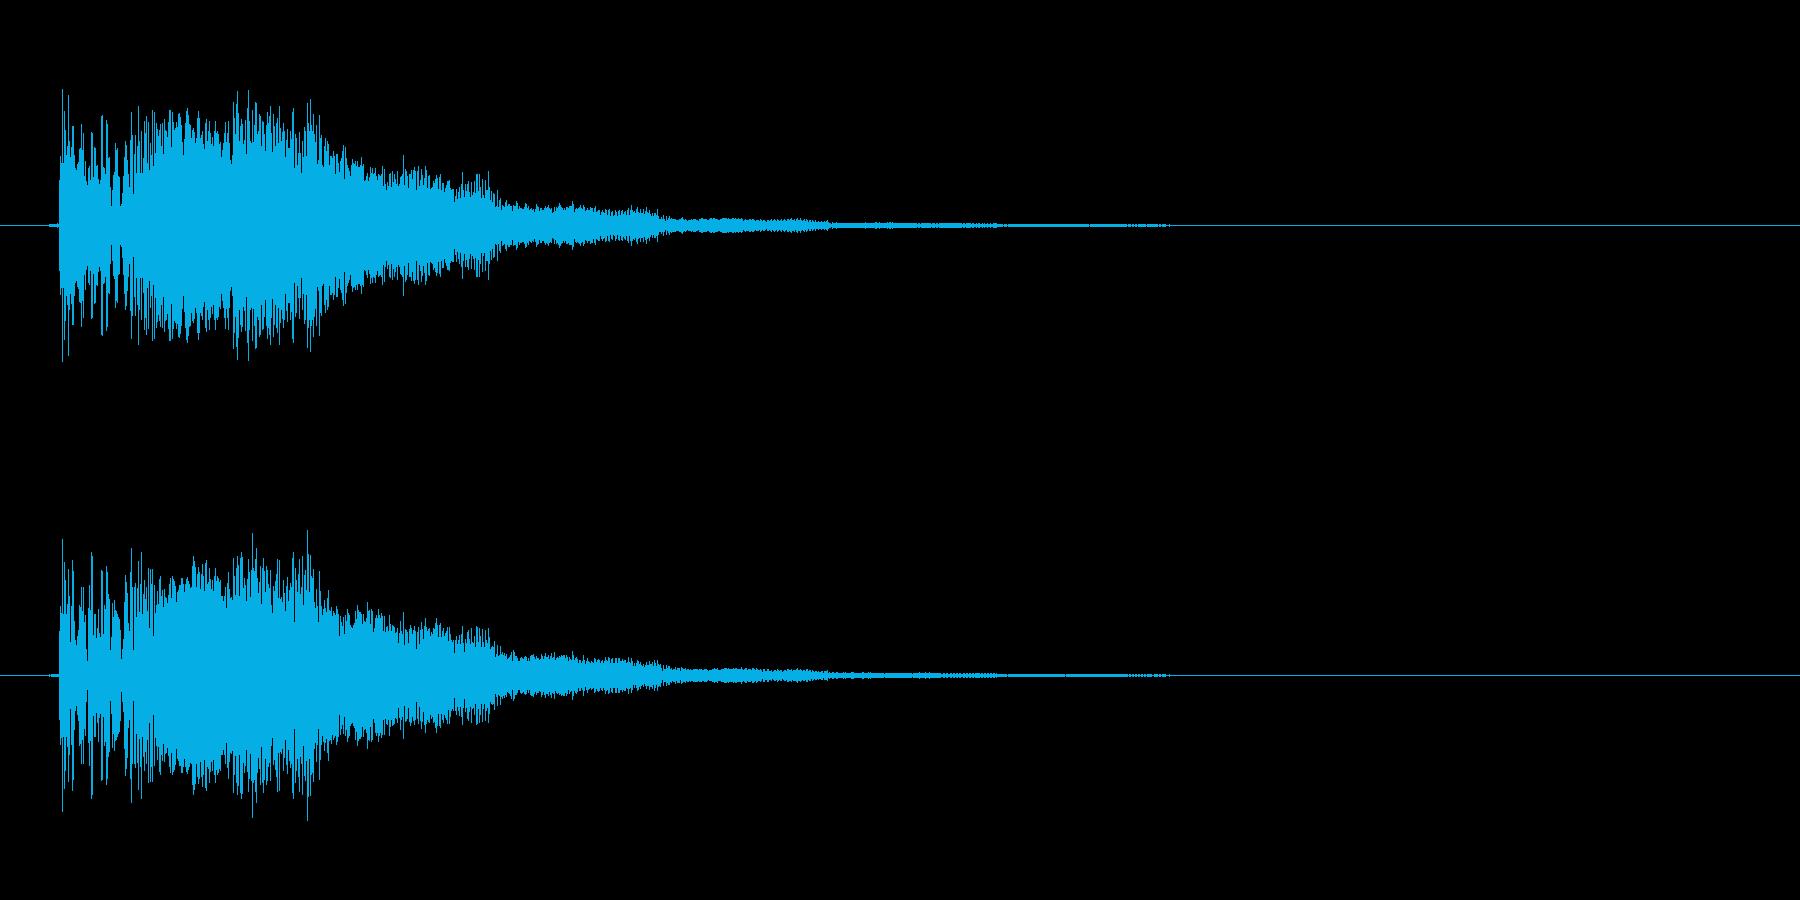 ボタン音 クリック音 ピコン ポヨンの再生済みの波形